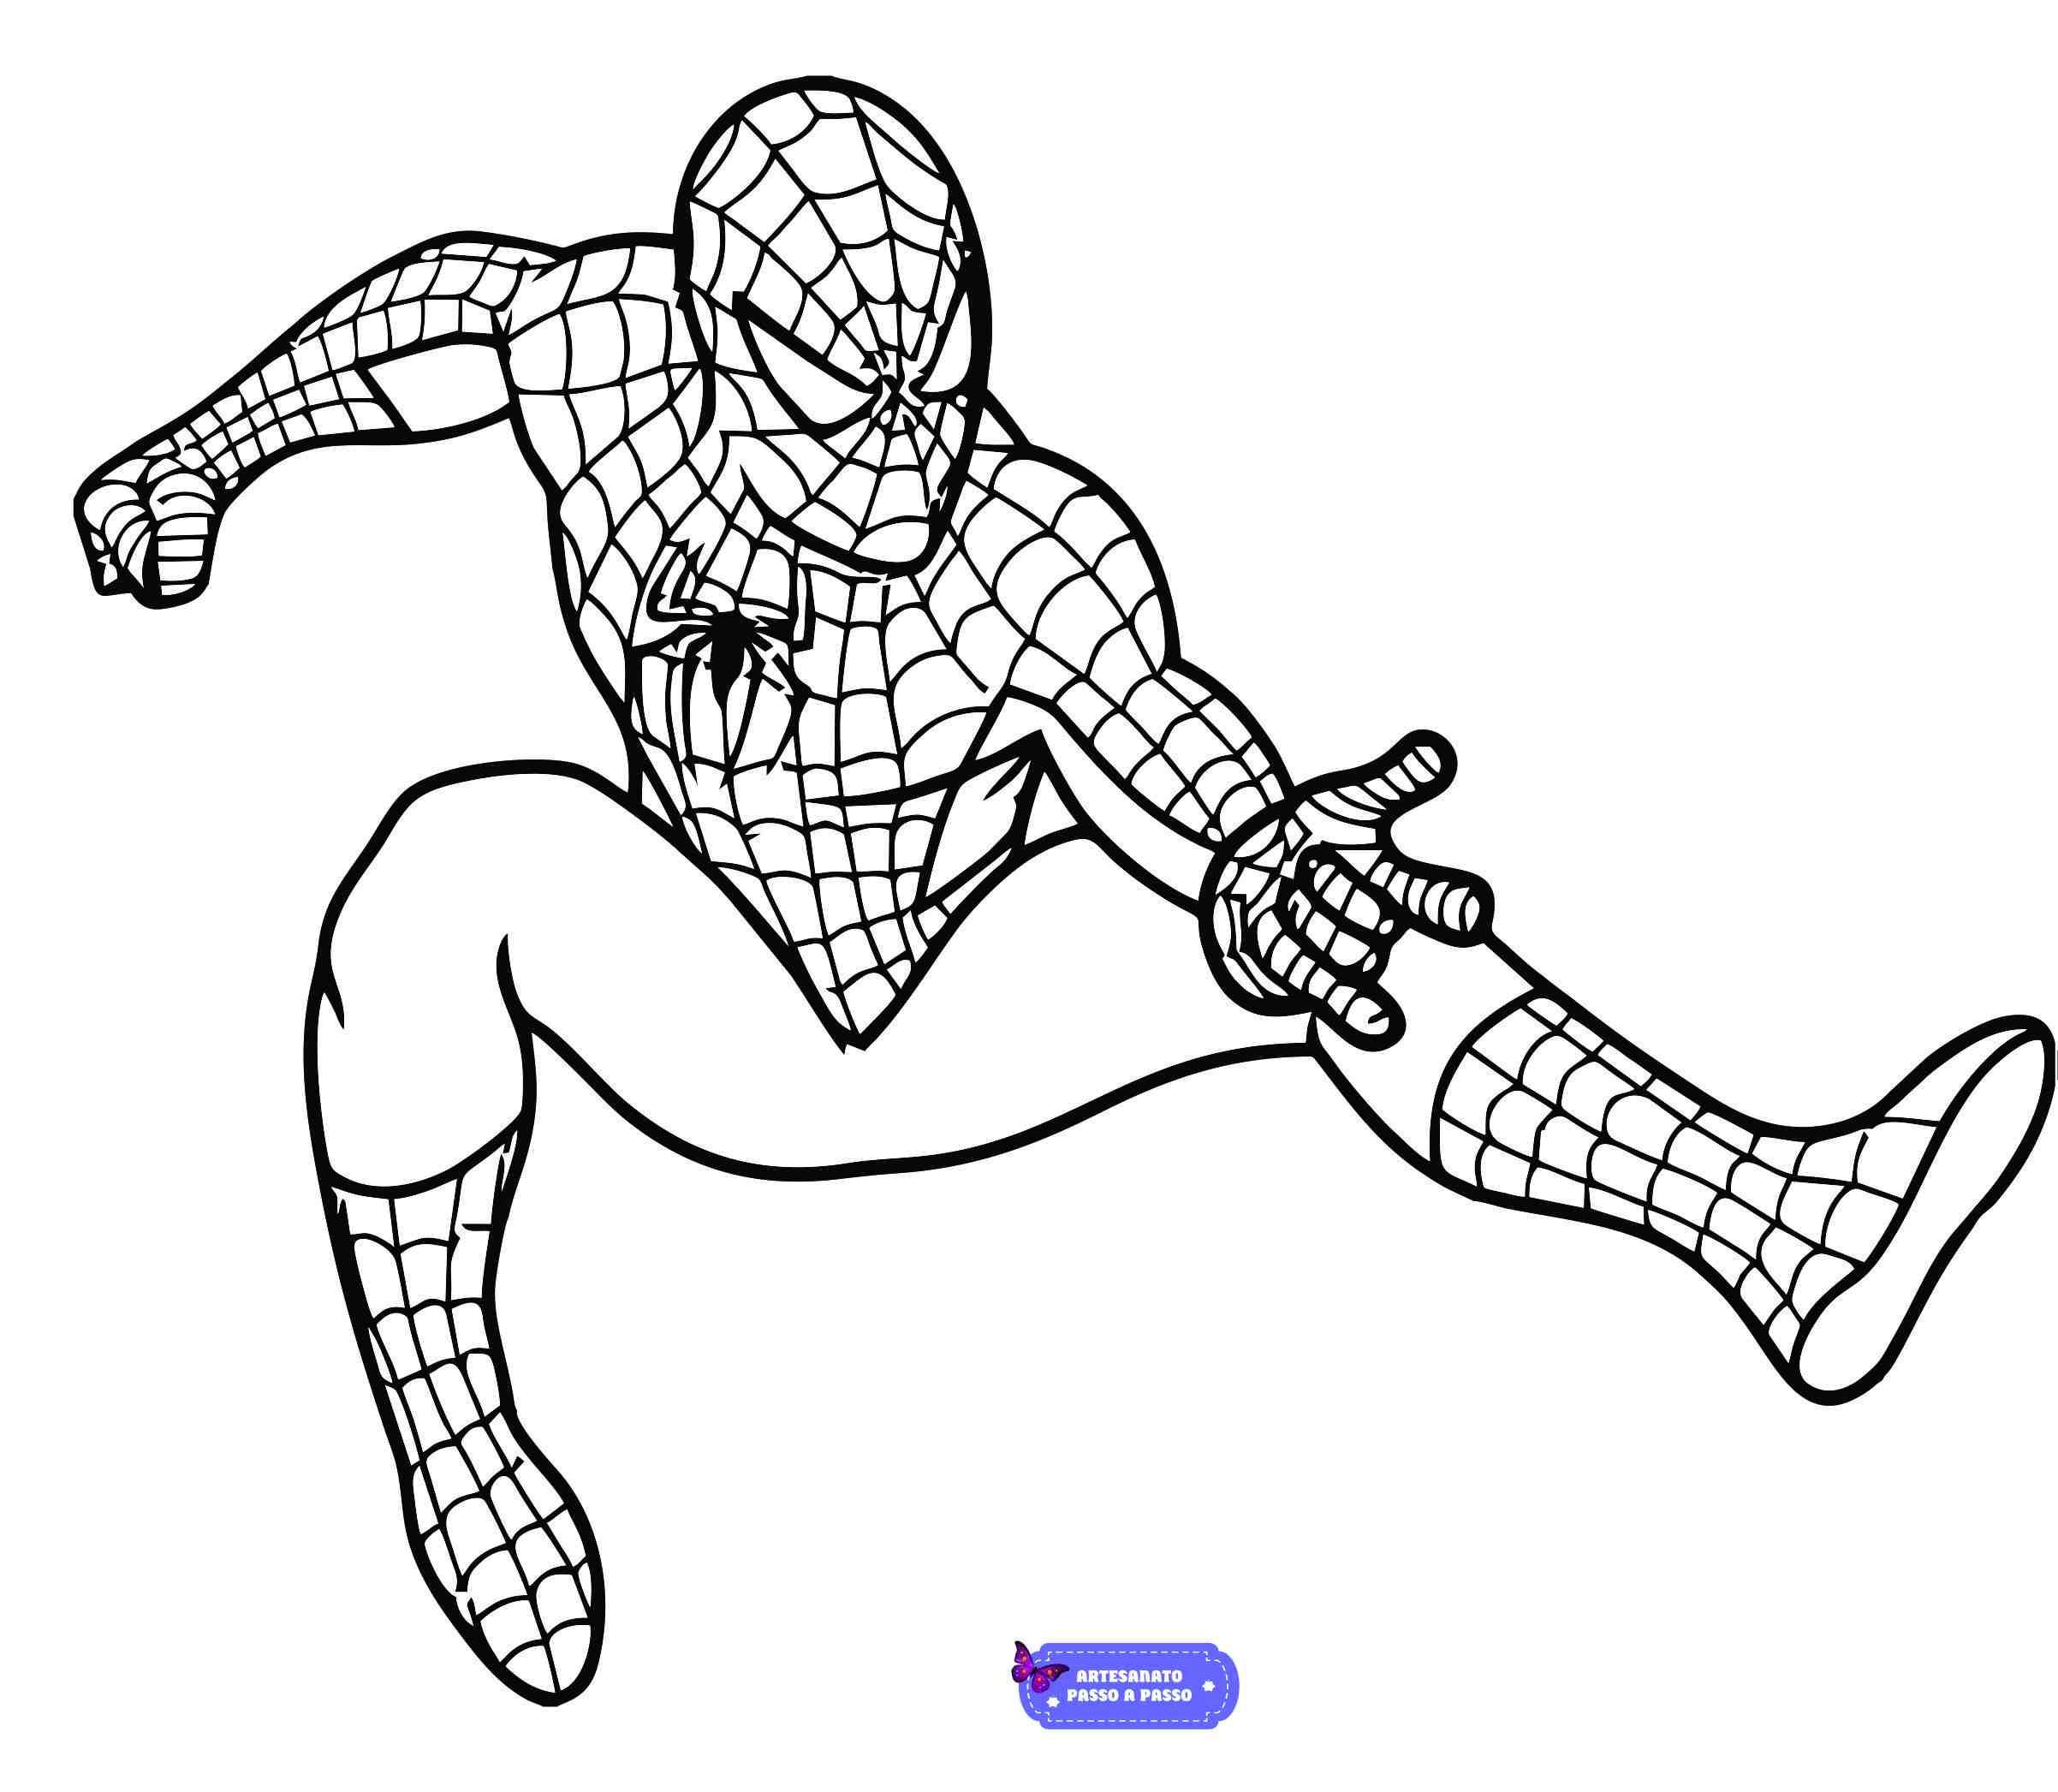 desenho do homem aranha 3 para colorir